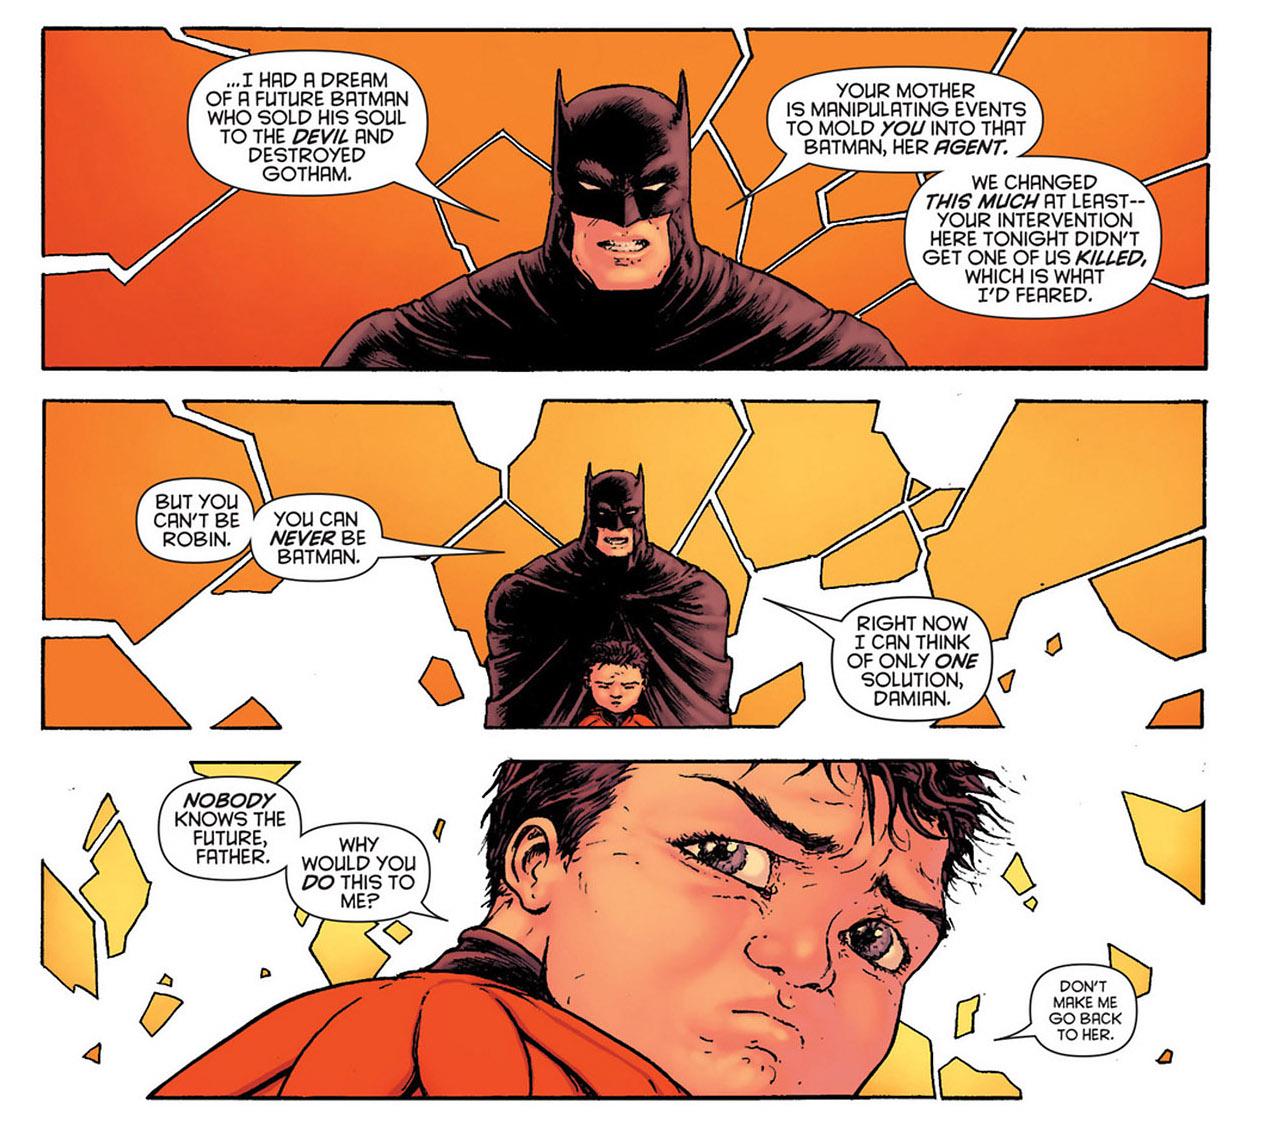 batman inc 5 2 batman damian yung